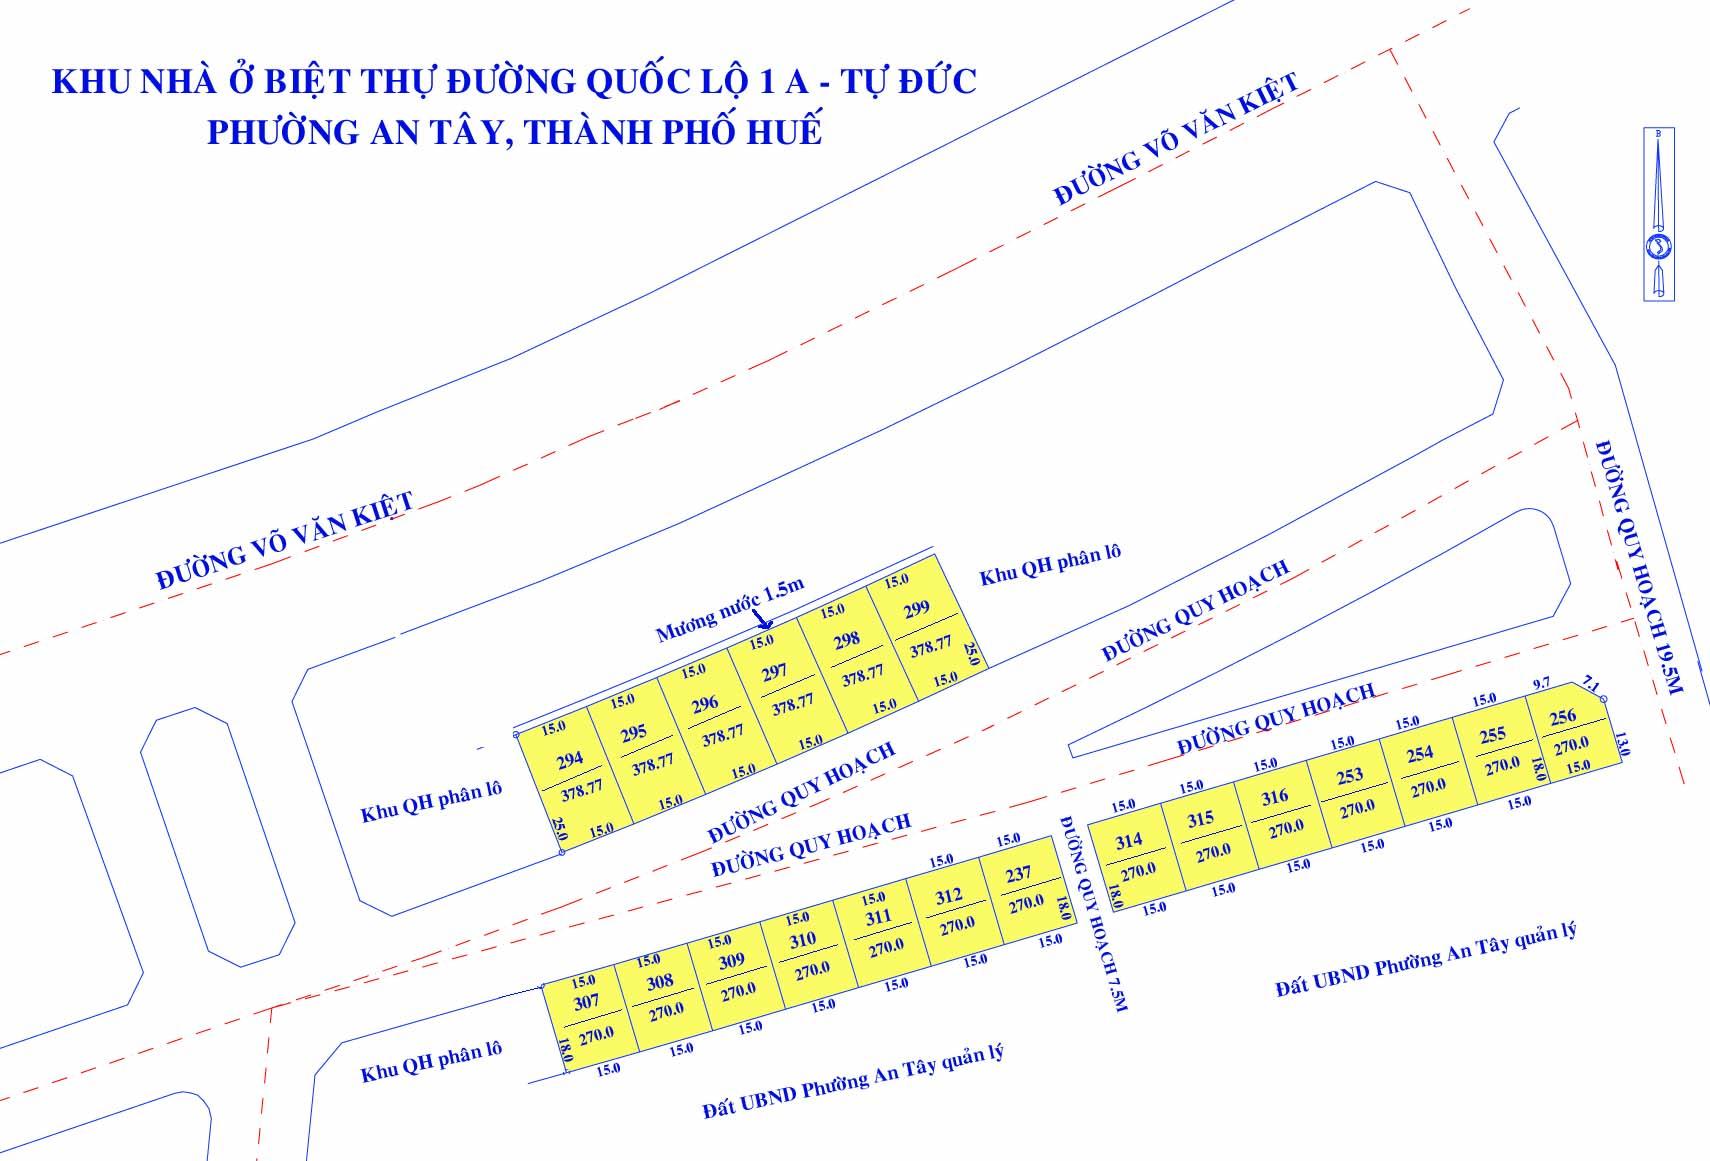 TP Huế: Đấu giá 21 lô đất khu nhà biệt thự đường quốc lộ 1A - Tự Đức, khởi điểm 17 triệu đồng/m2 - Ảnh 1.